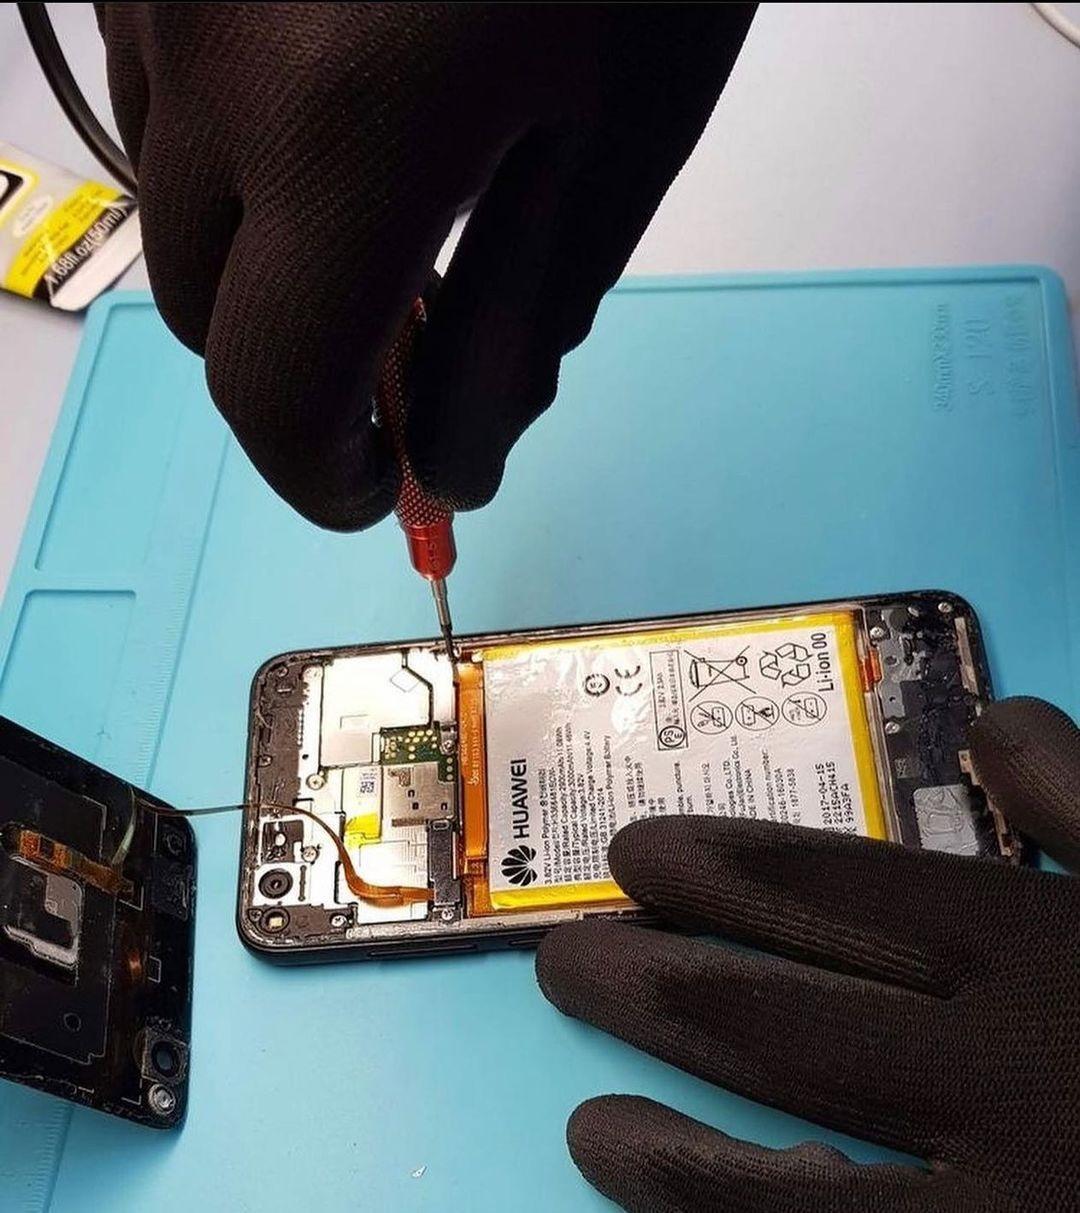 Сервис по ремонту Электроники с удобной локацией